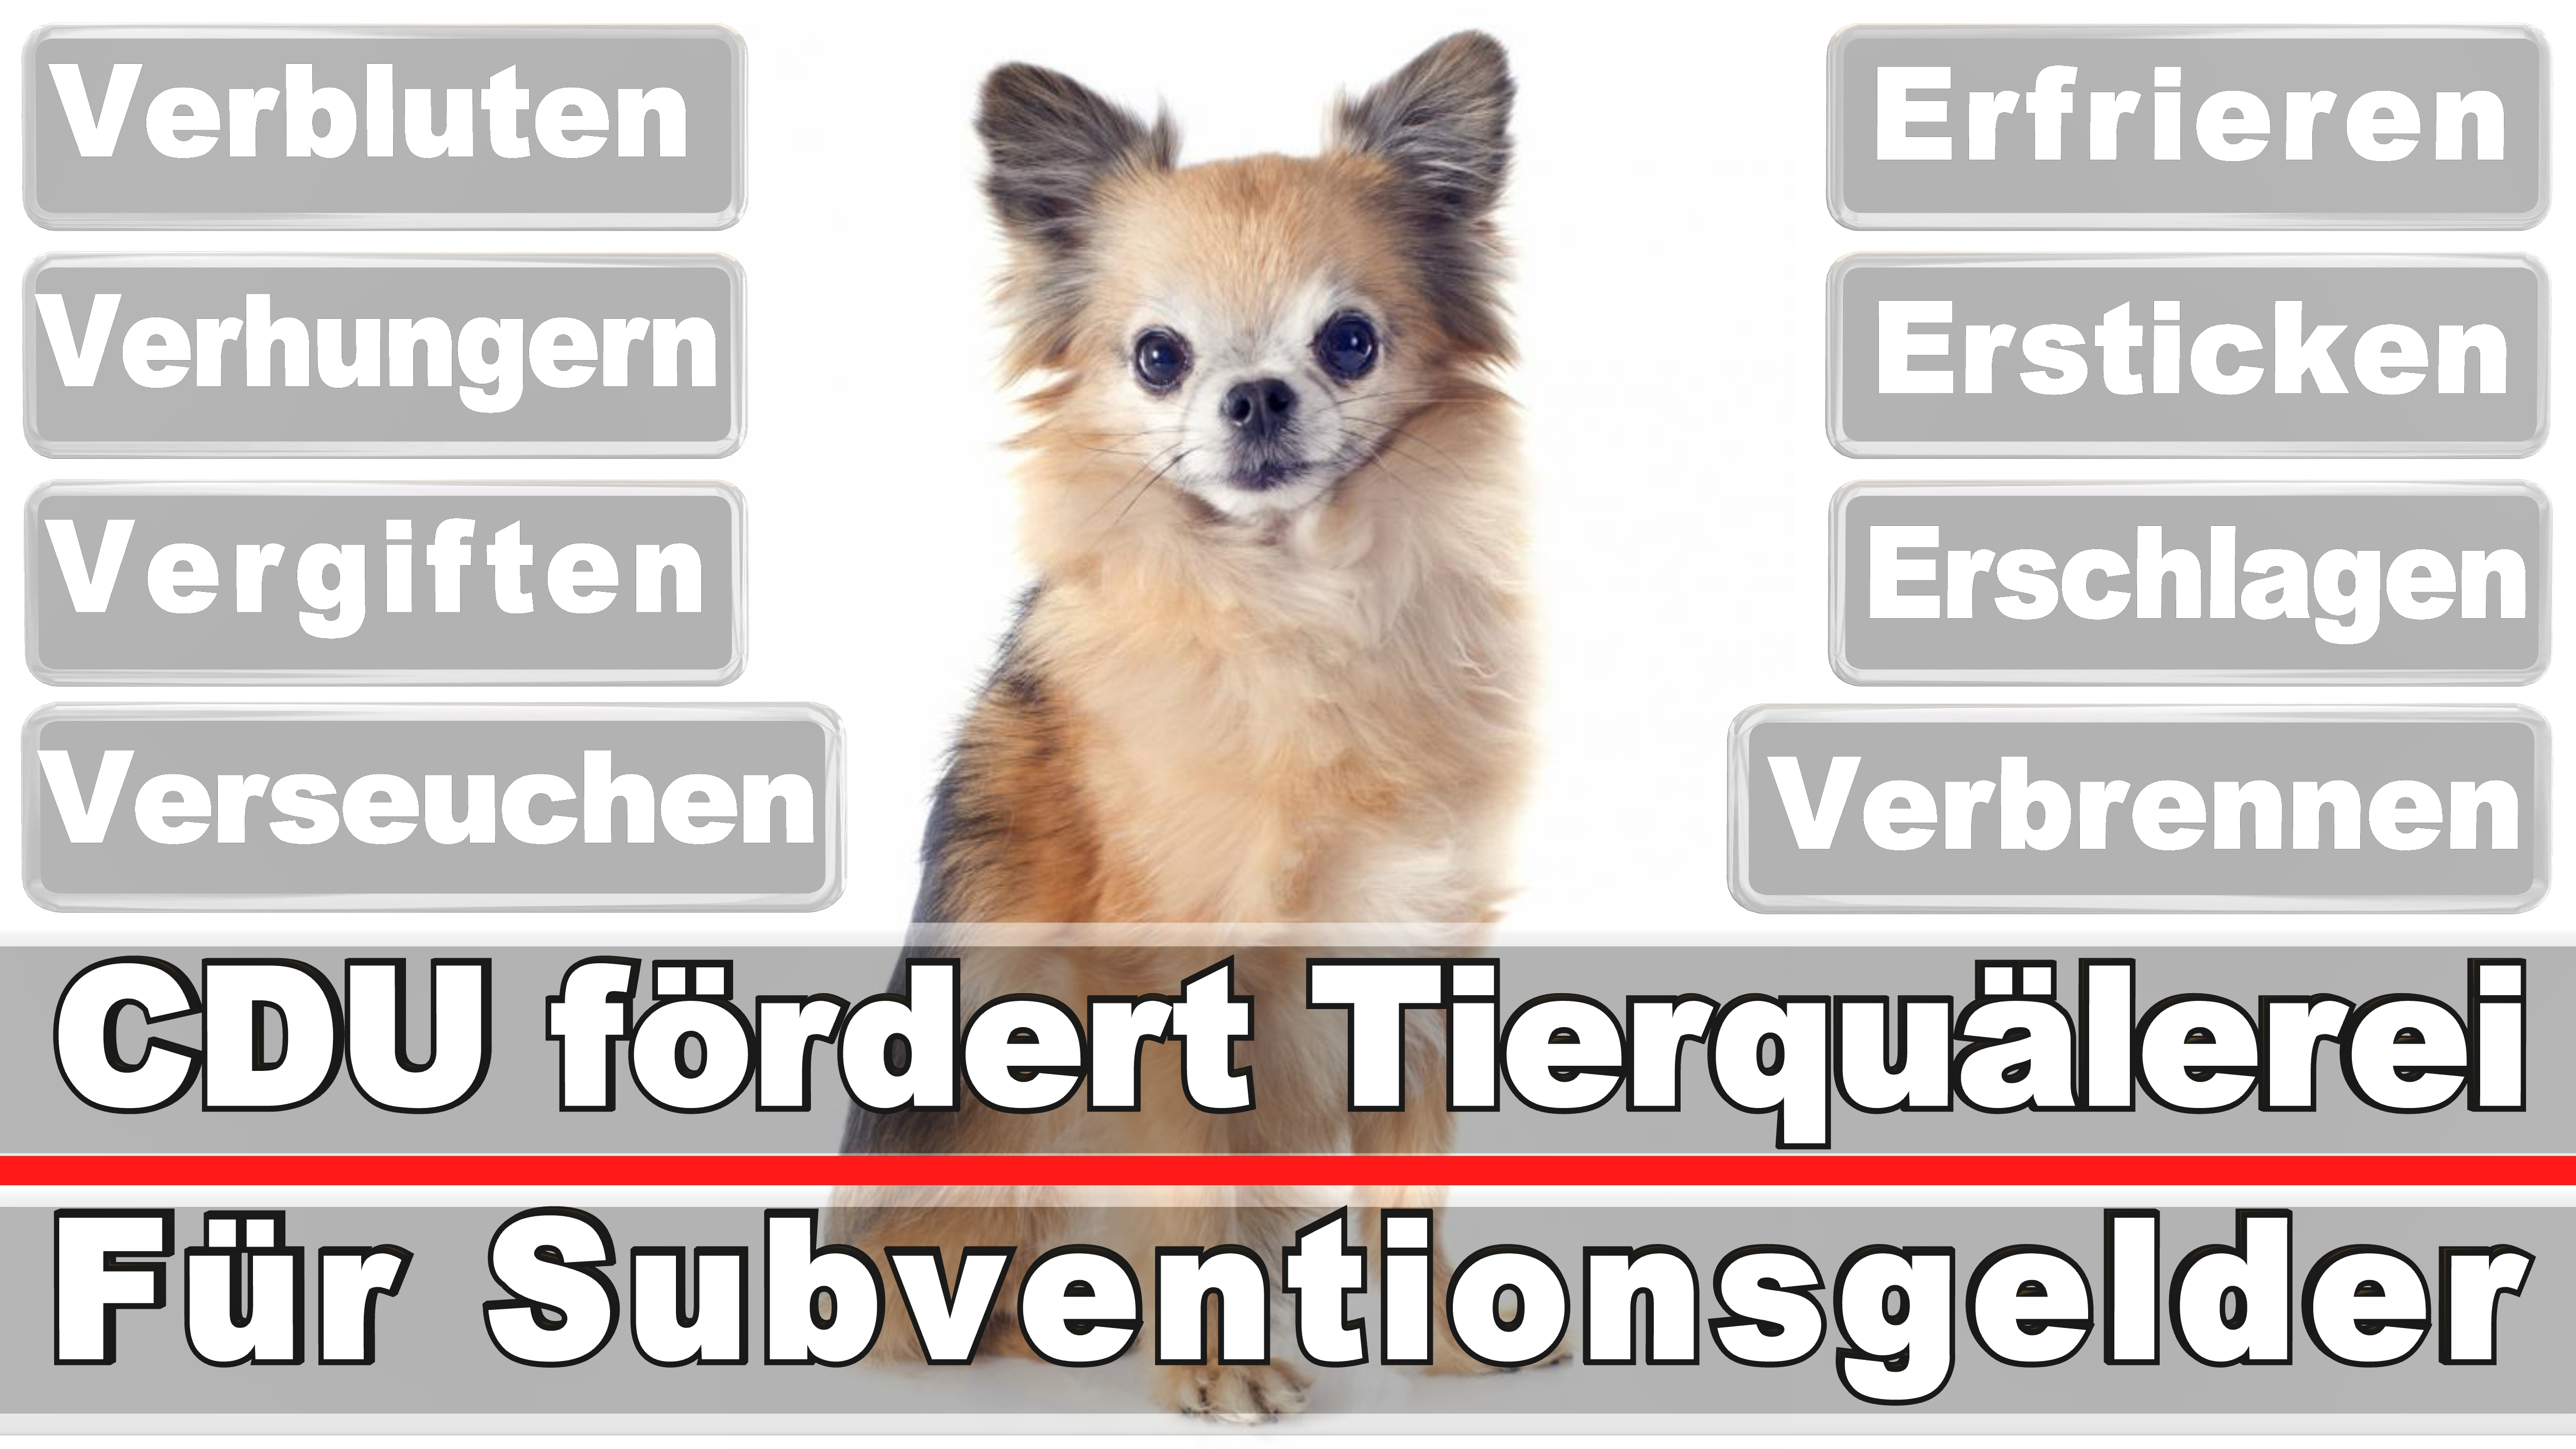 Landtagswahl-Bundestagswahl-CDU-SPD-FDP-AFD-Linke-Piraten (23)